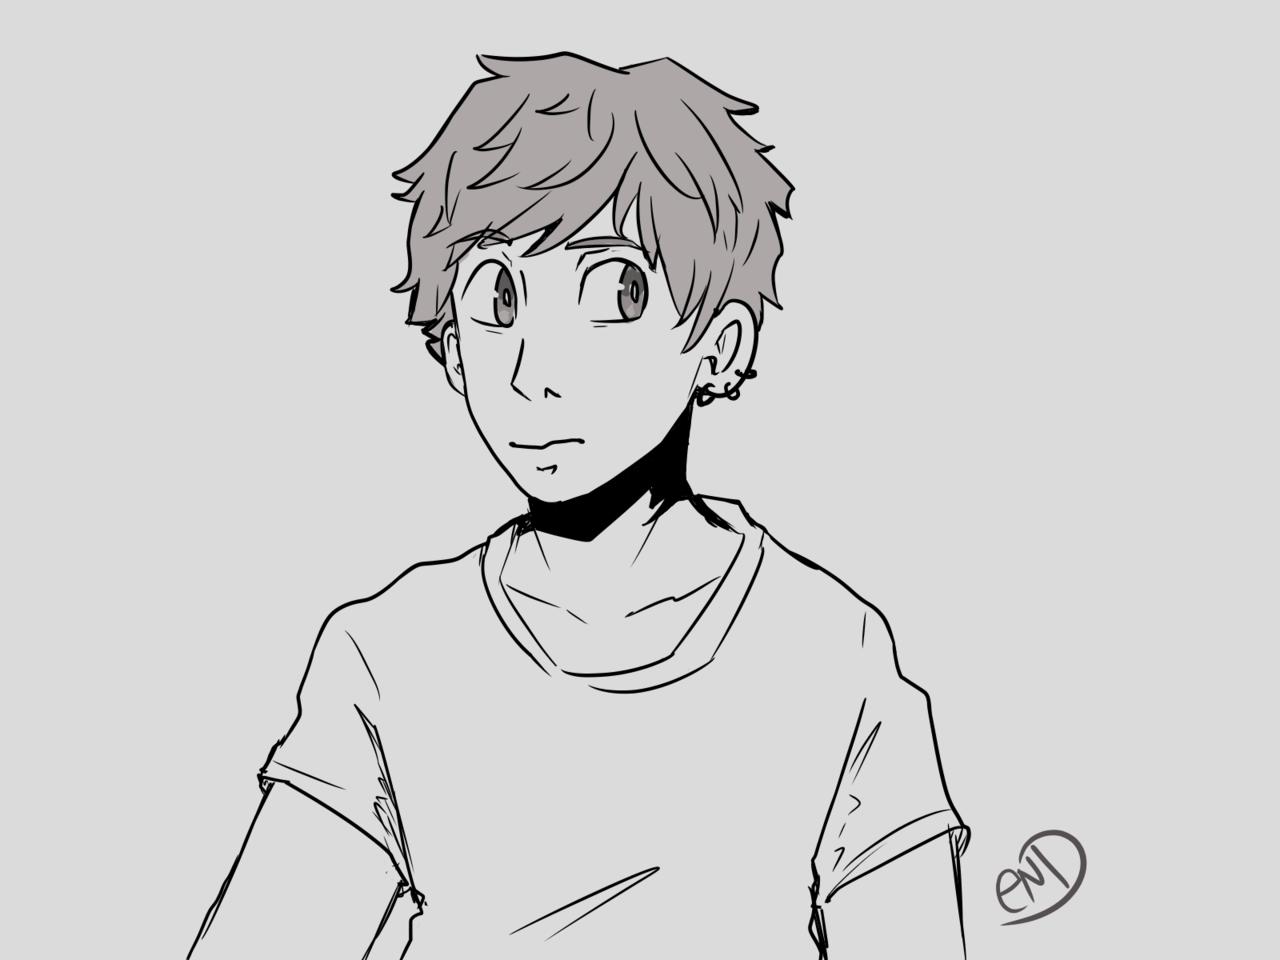 Random sketch Illust of DremEND (Dragon mode) oc sketch boy